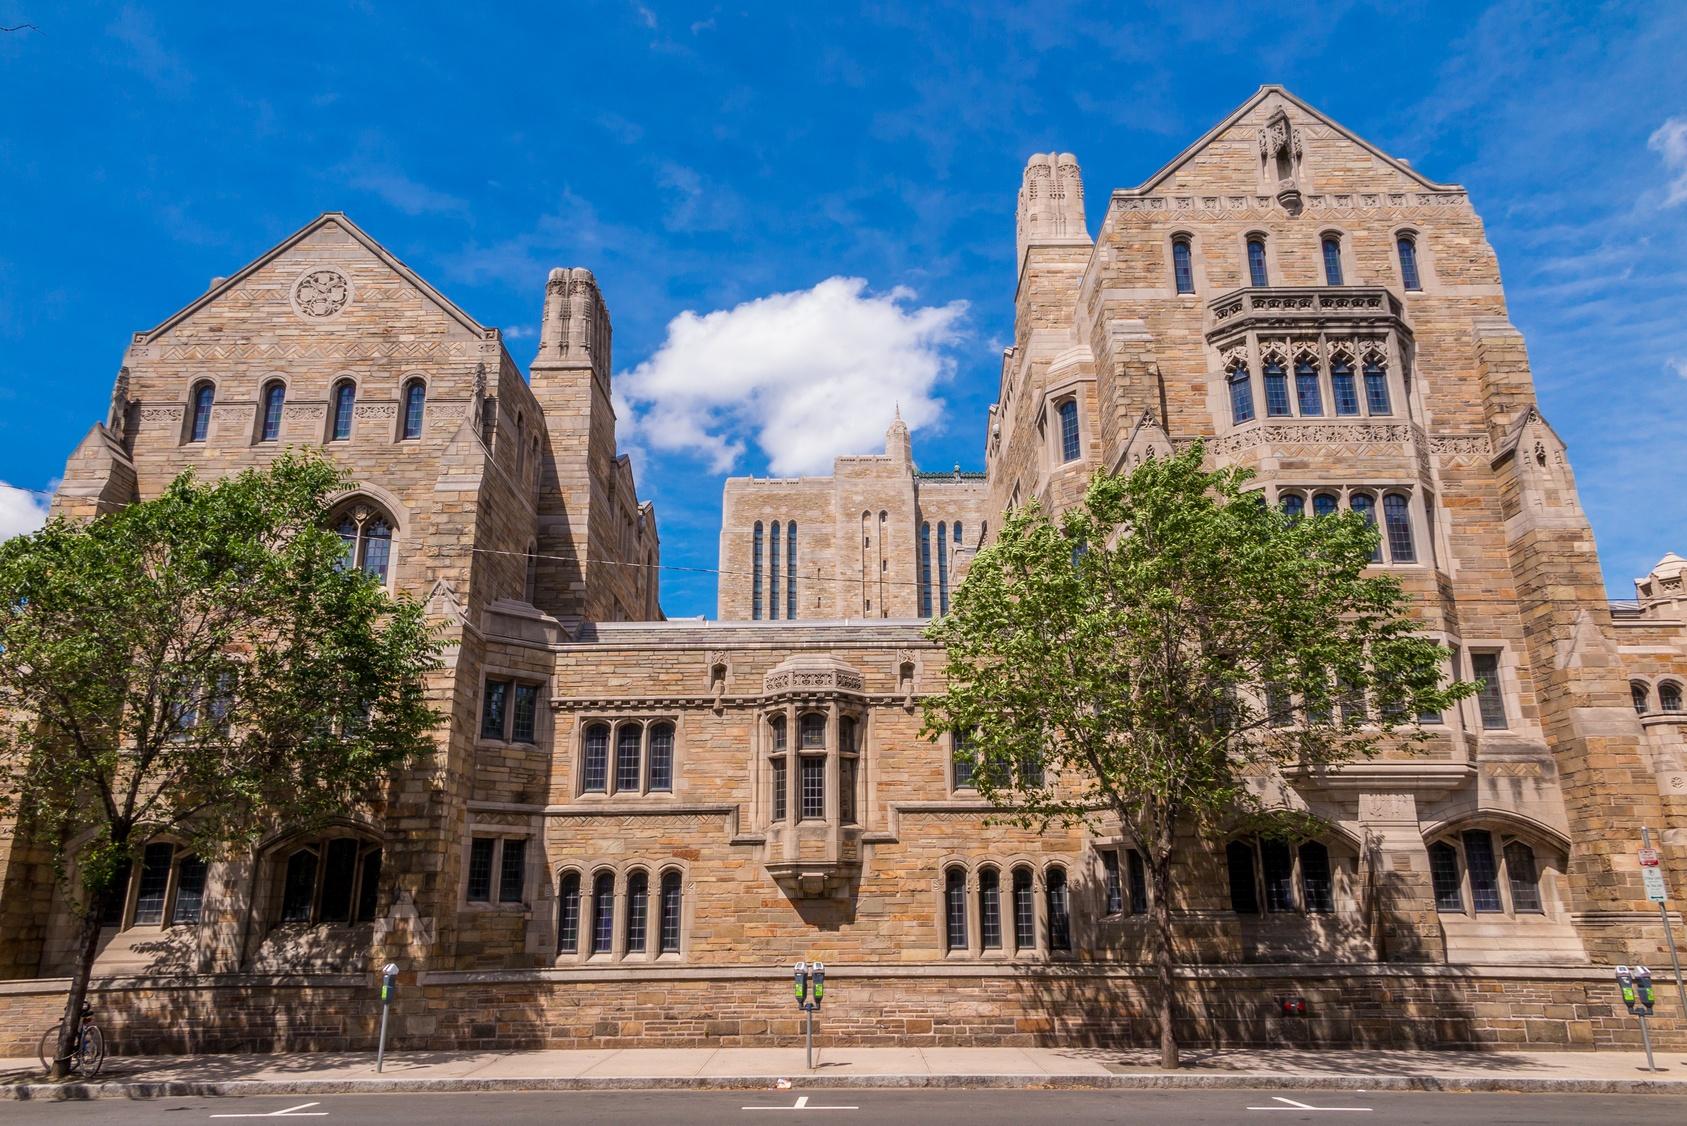 SAT subject test scores/Ivy League admissions?